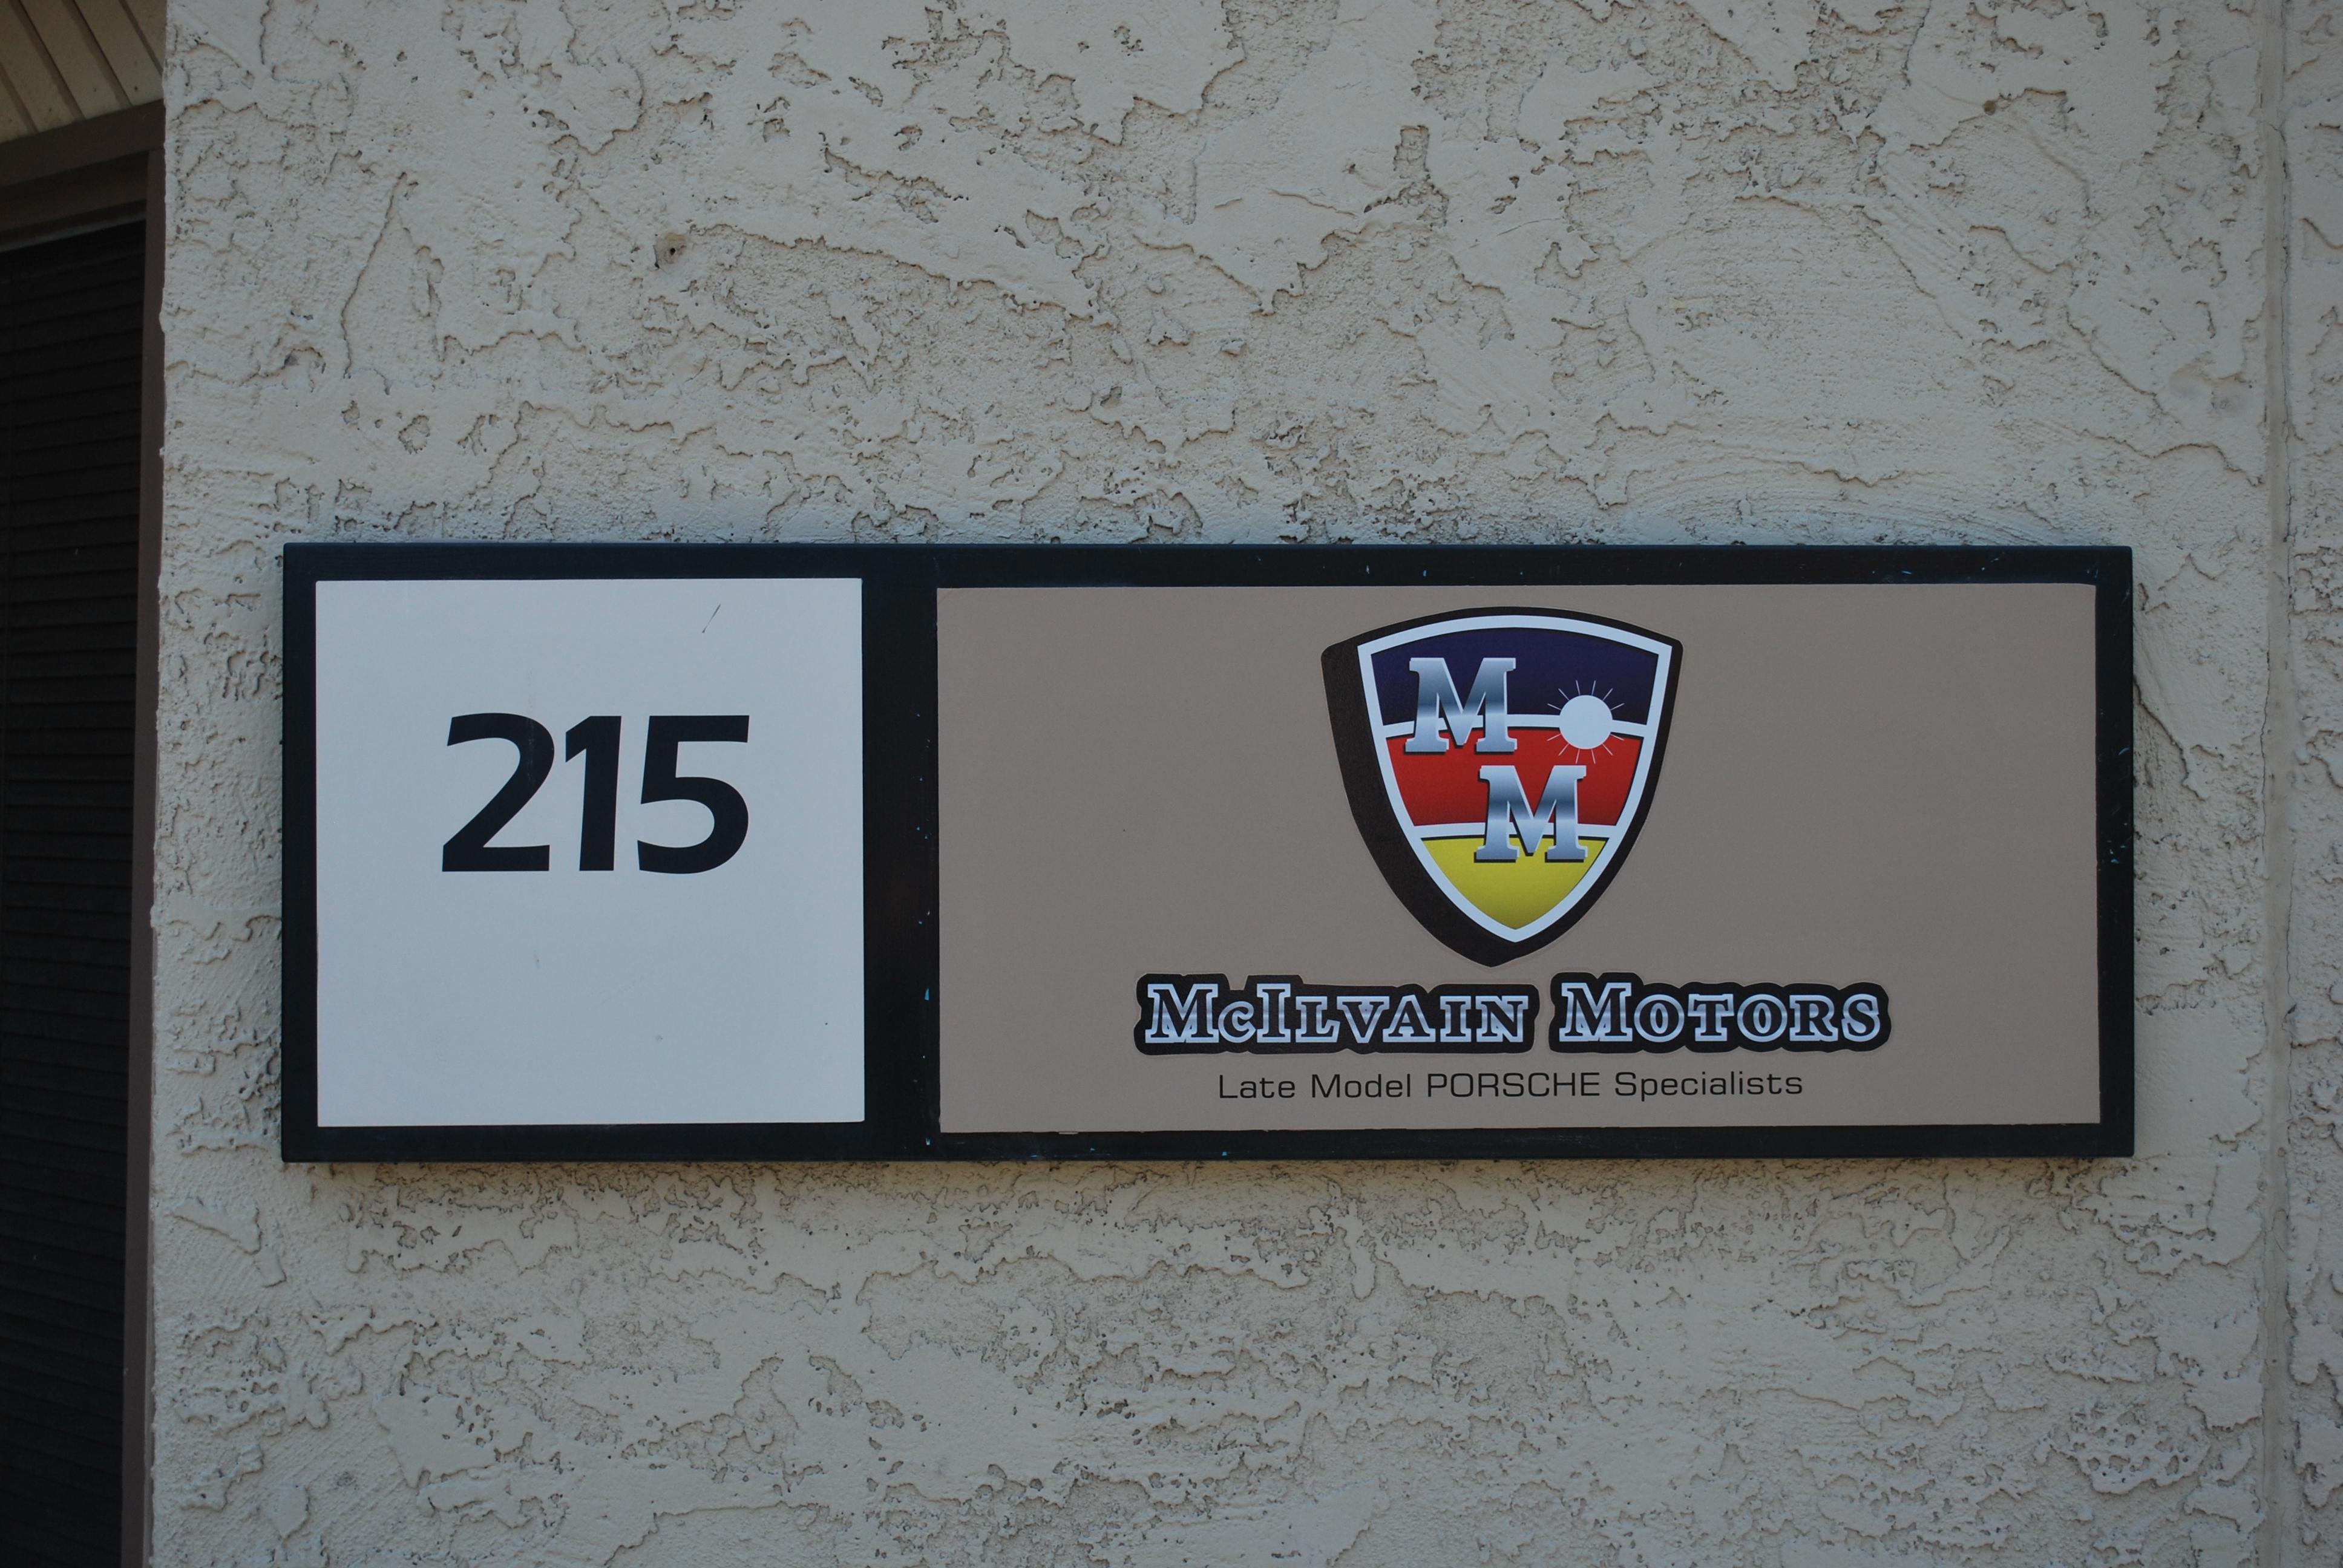 Mcilvain Motors Front Sign